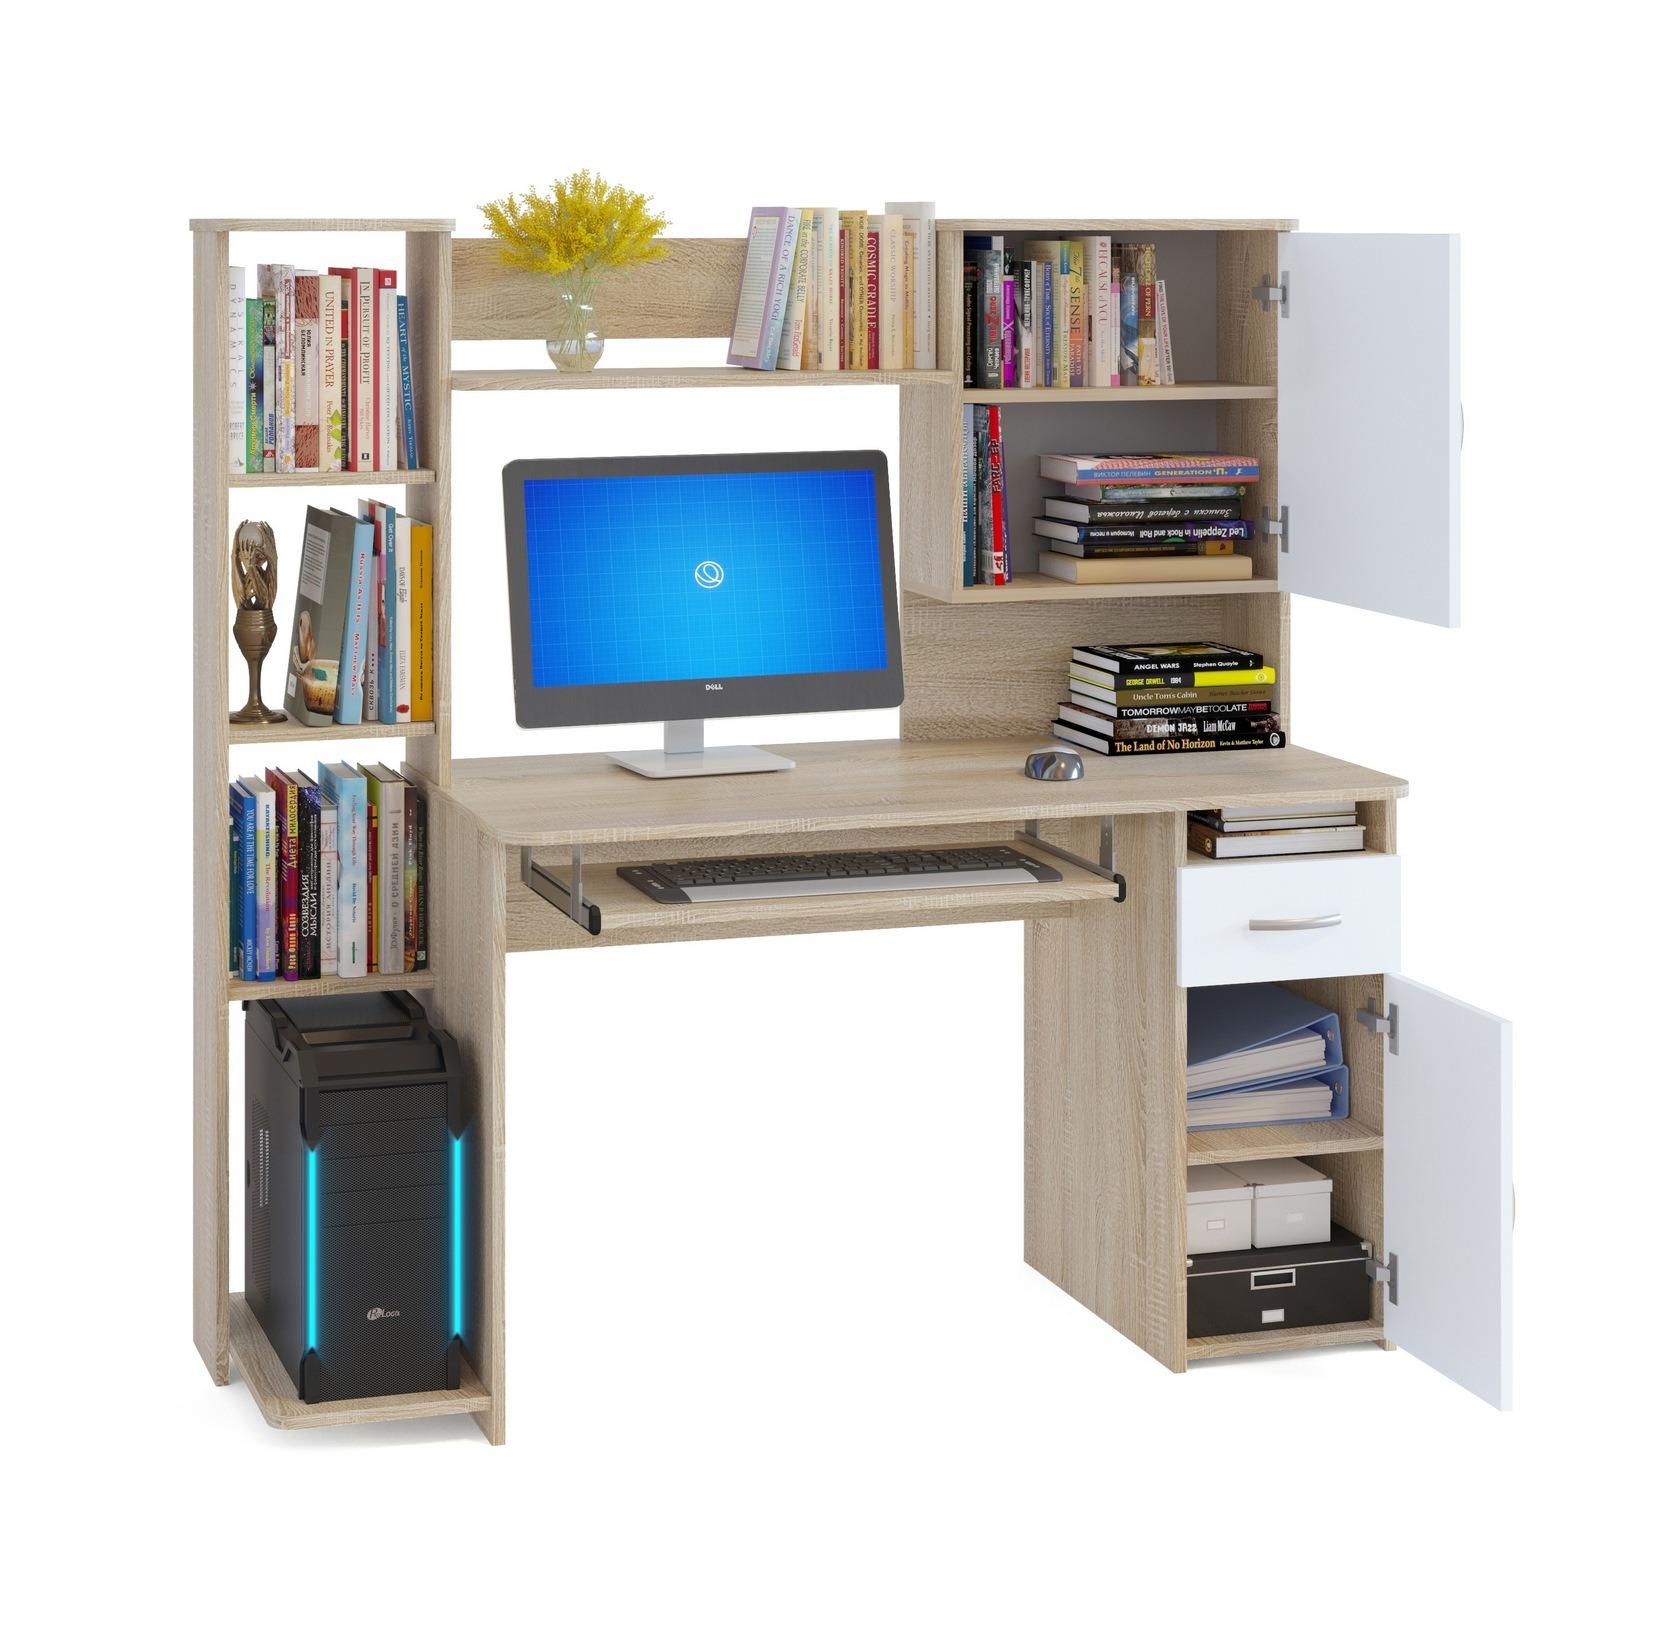 Компьютерный стол Траст-1 КСТ-11.1 от Столплит